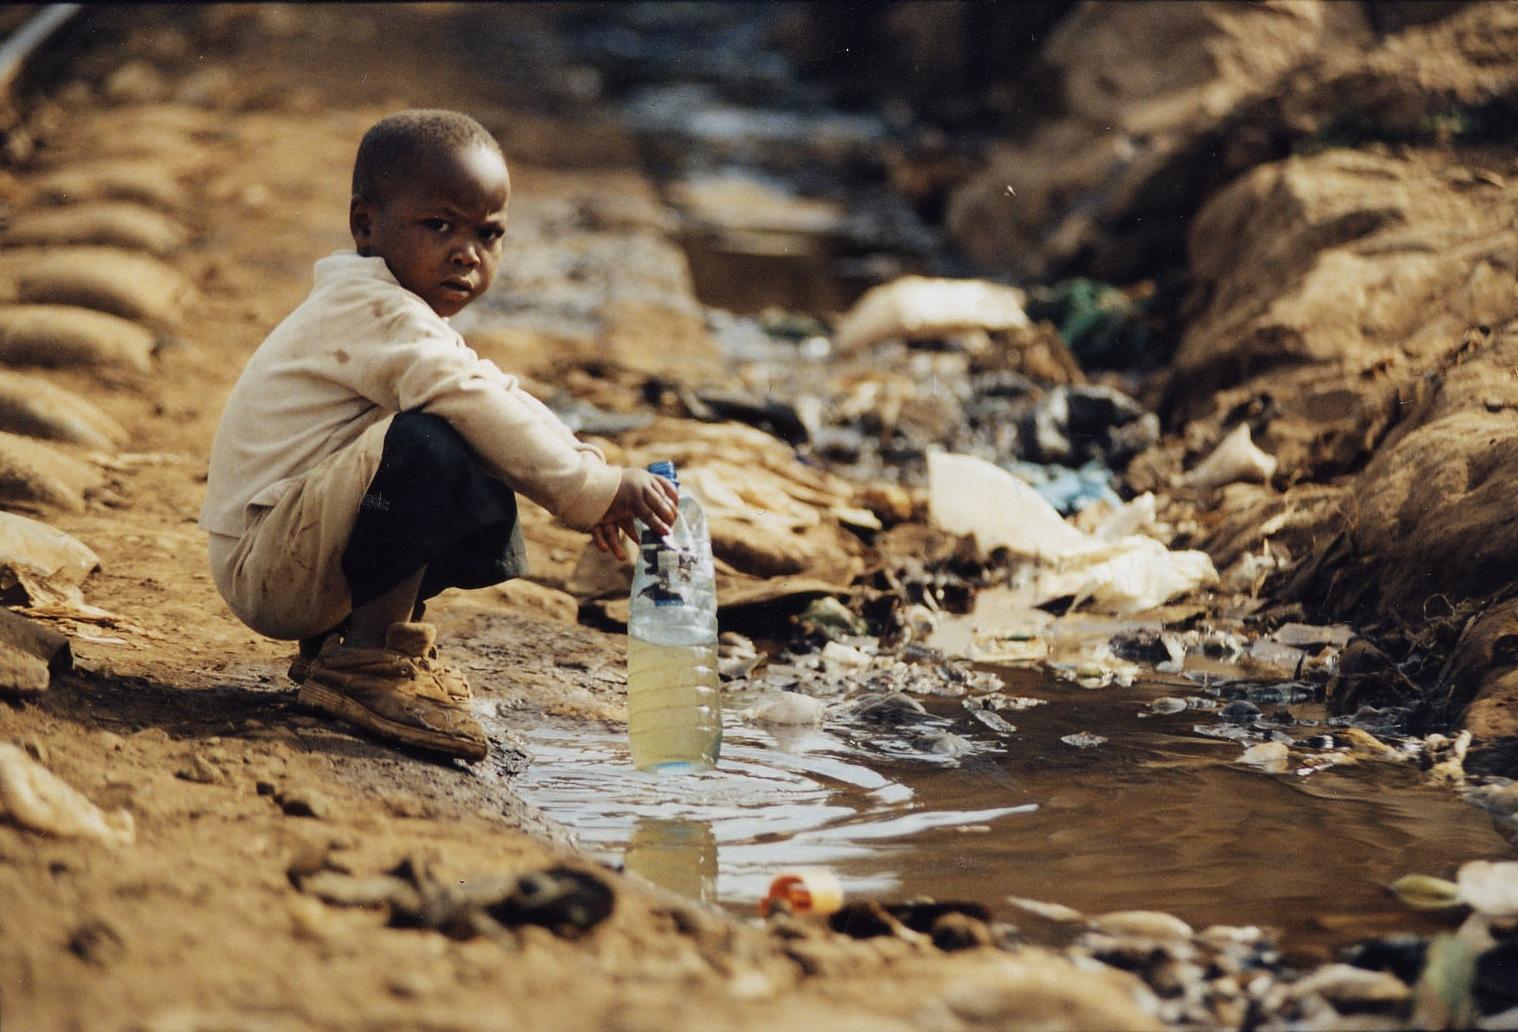 2040 он гэхэд 600 сая гаруй хүүхэд ундны усаар гачигдана